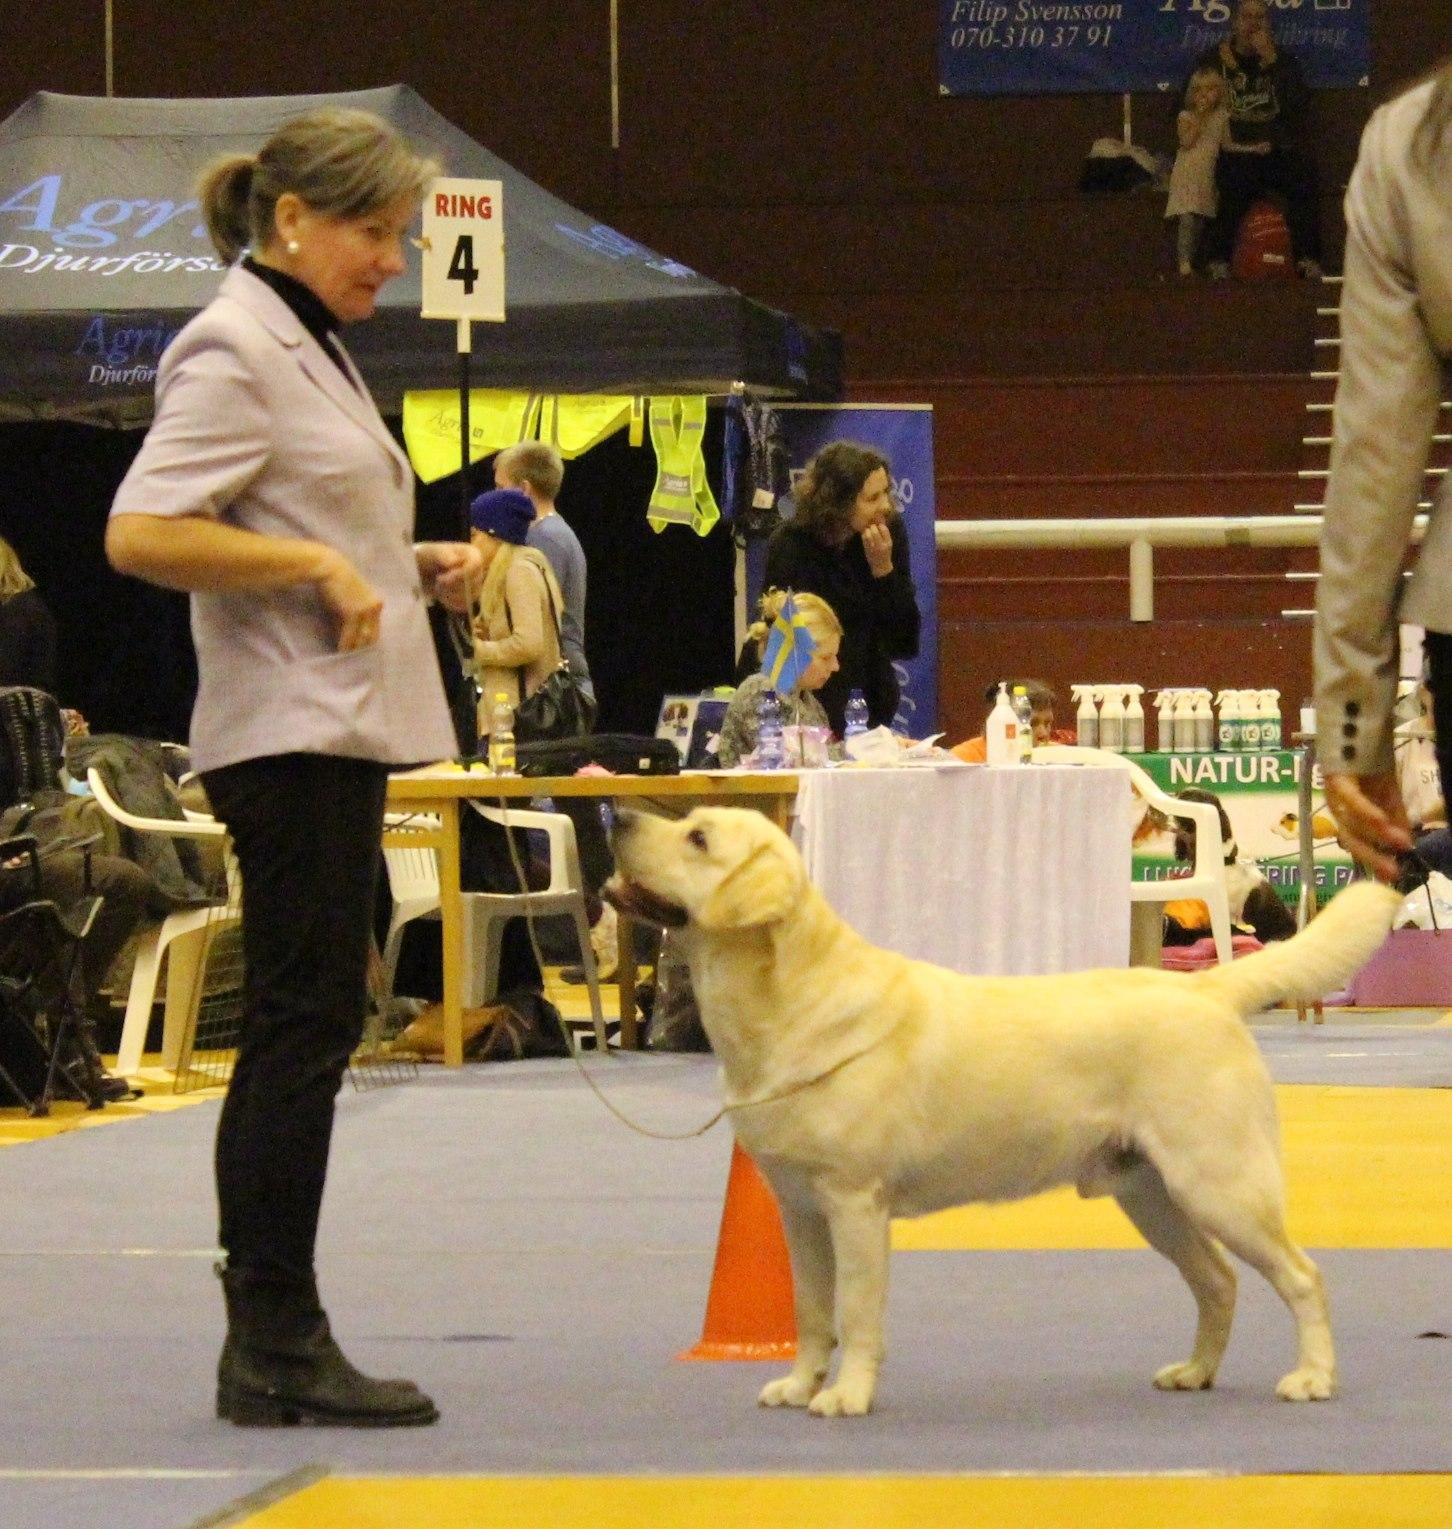 Fotot är från SKKs internationella utställning i Växjö, där Follies Wilson vann unghundsklassen med CK 19 månader gammal.